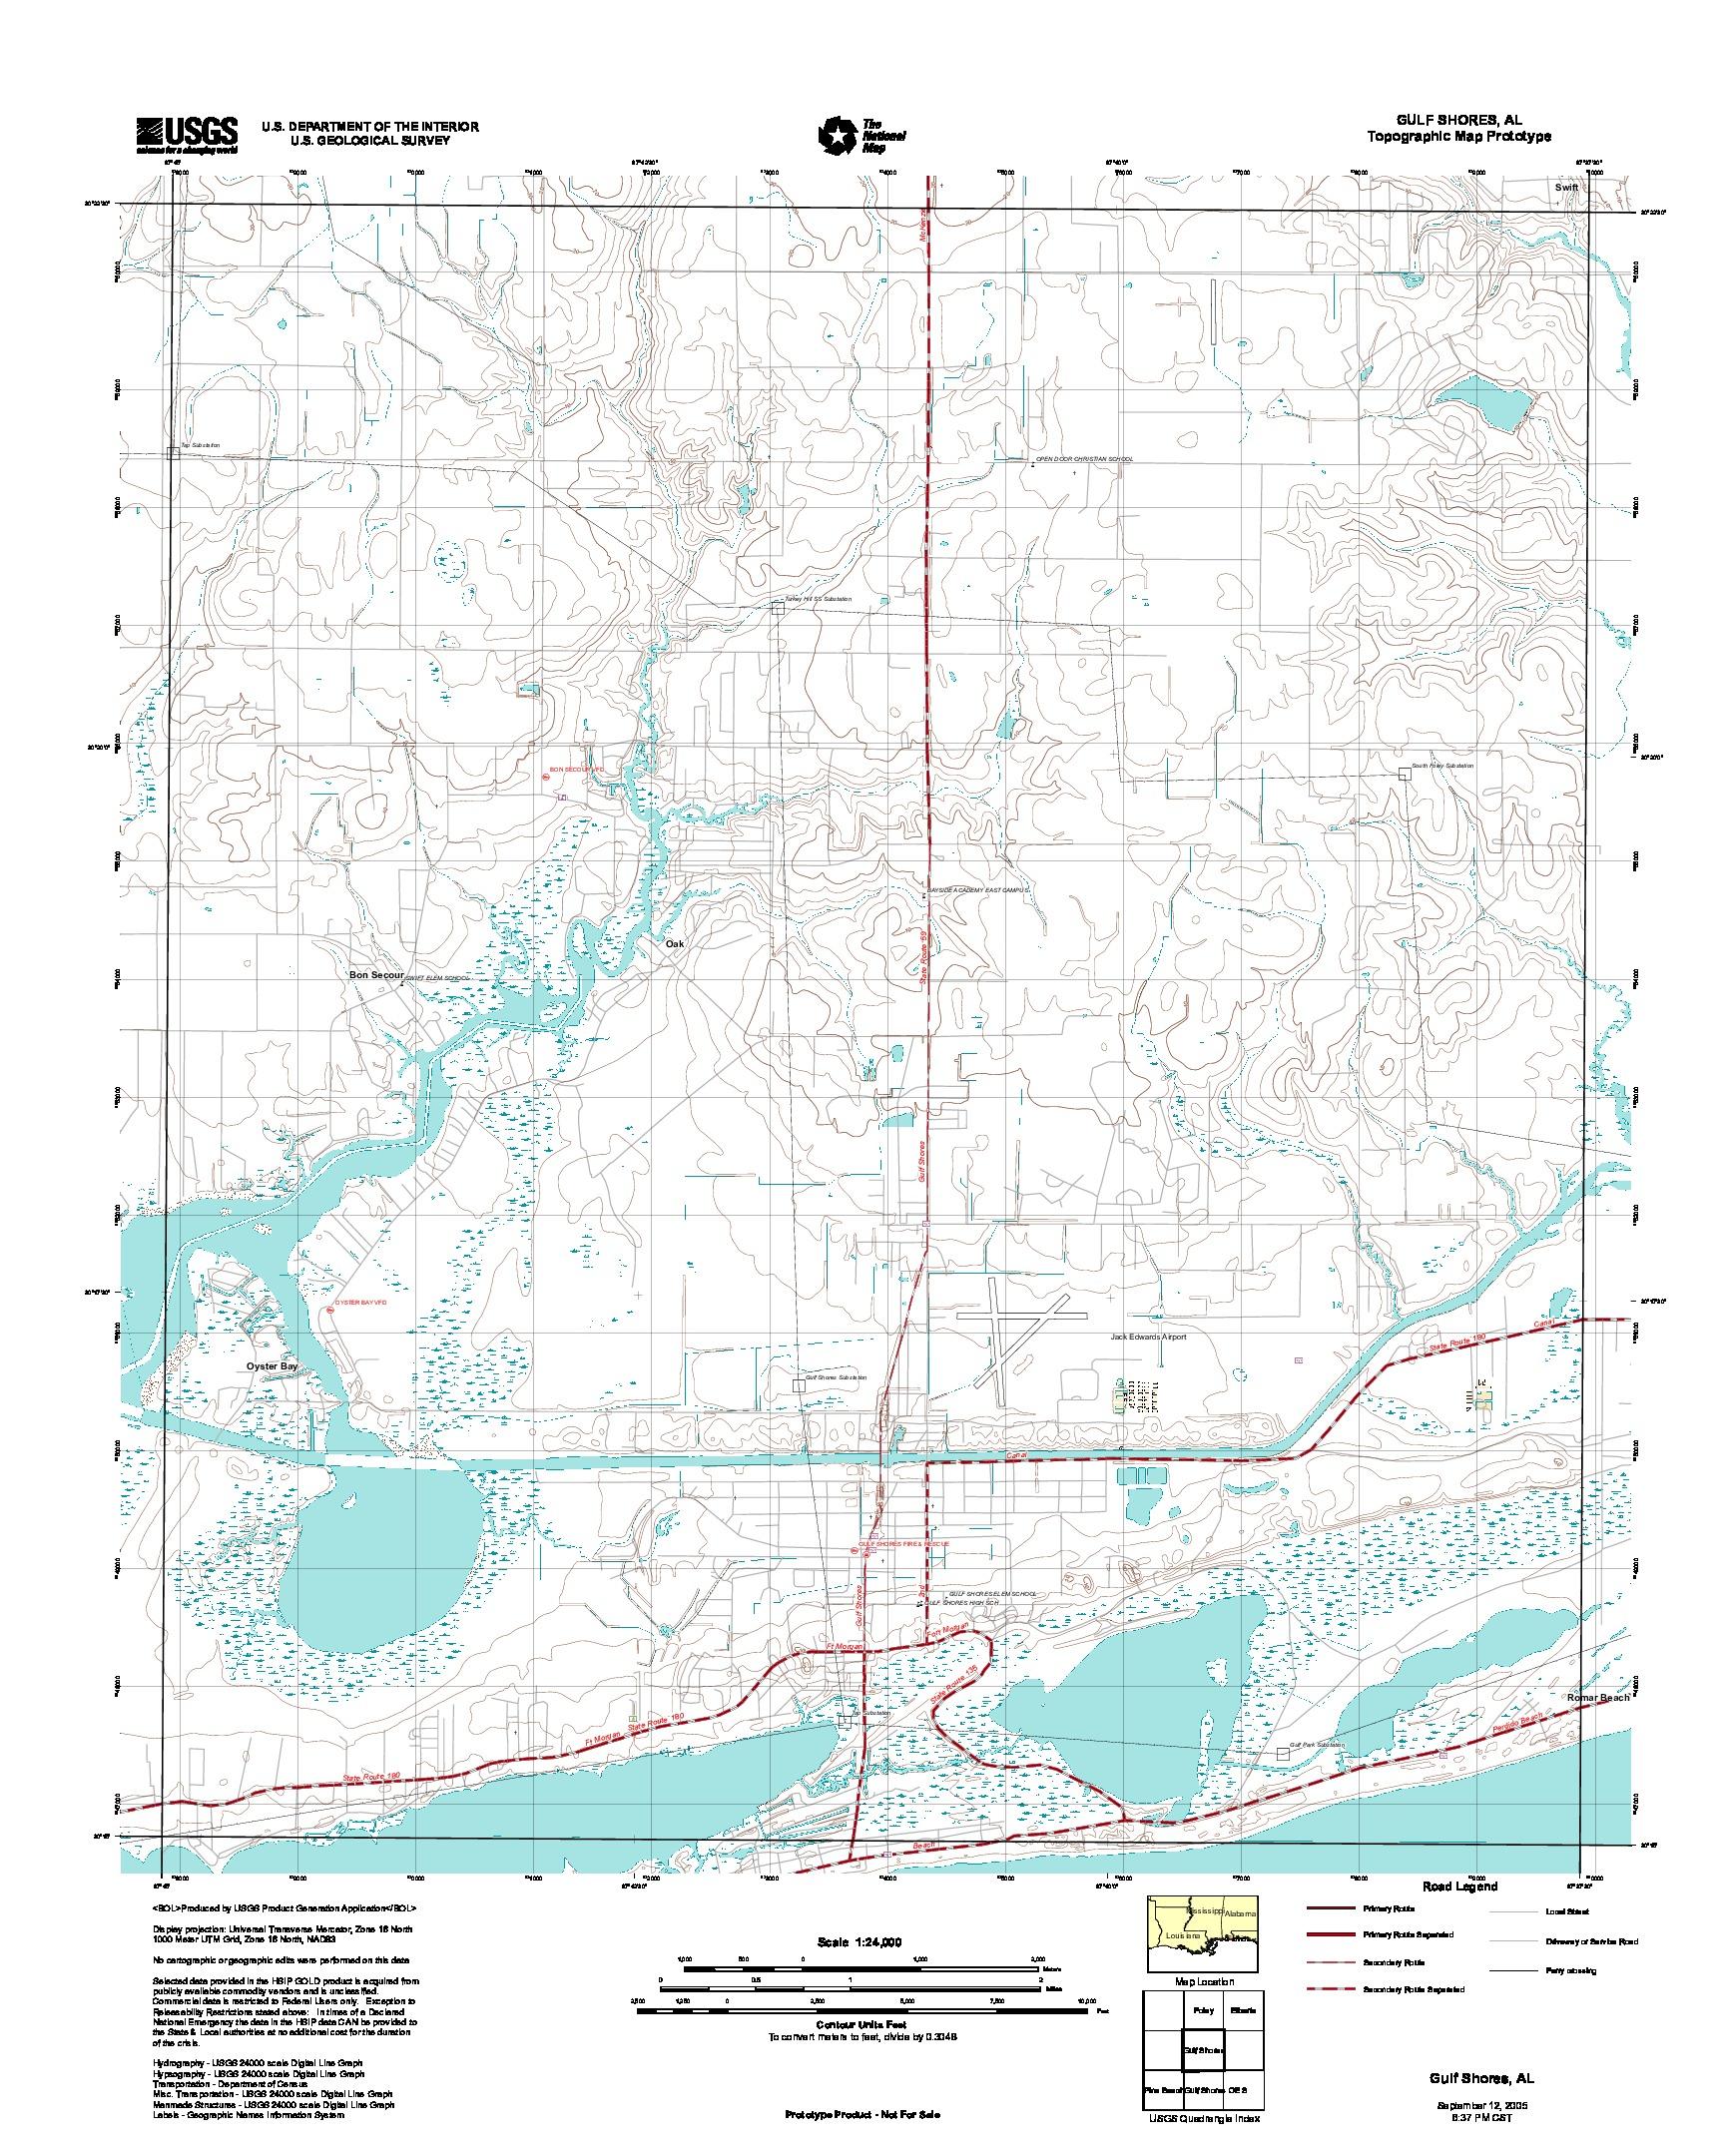 Prototipo de Mapa Topográfico de Gulf Shores, Alabama, Estados Unidos, Septiembre 12, 2005